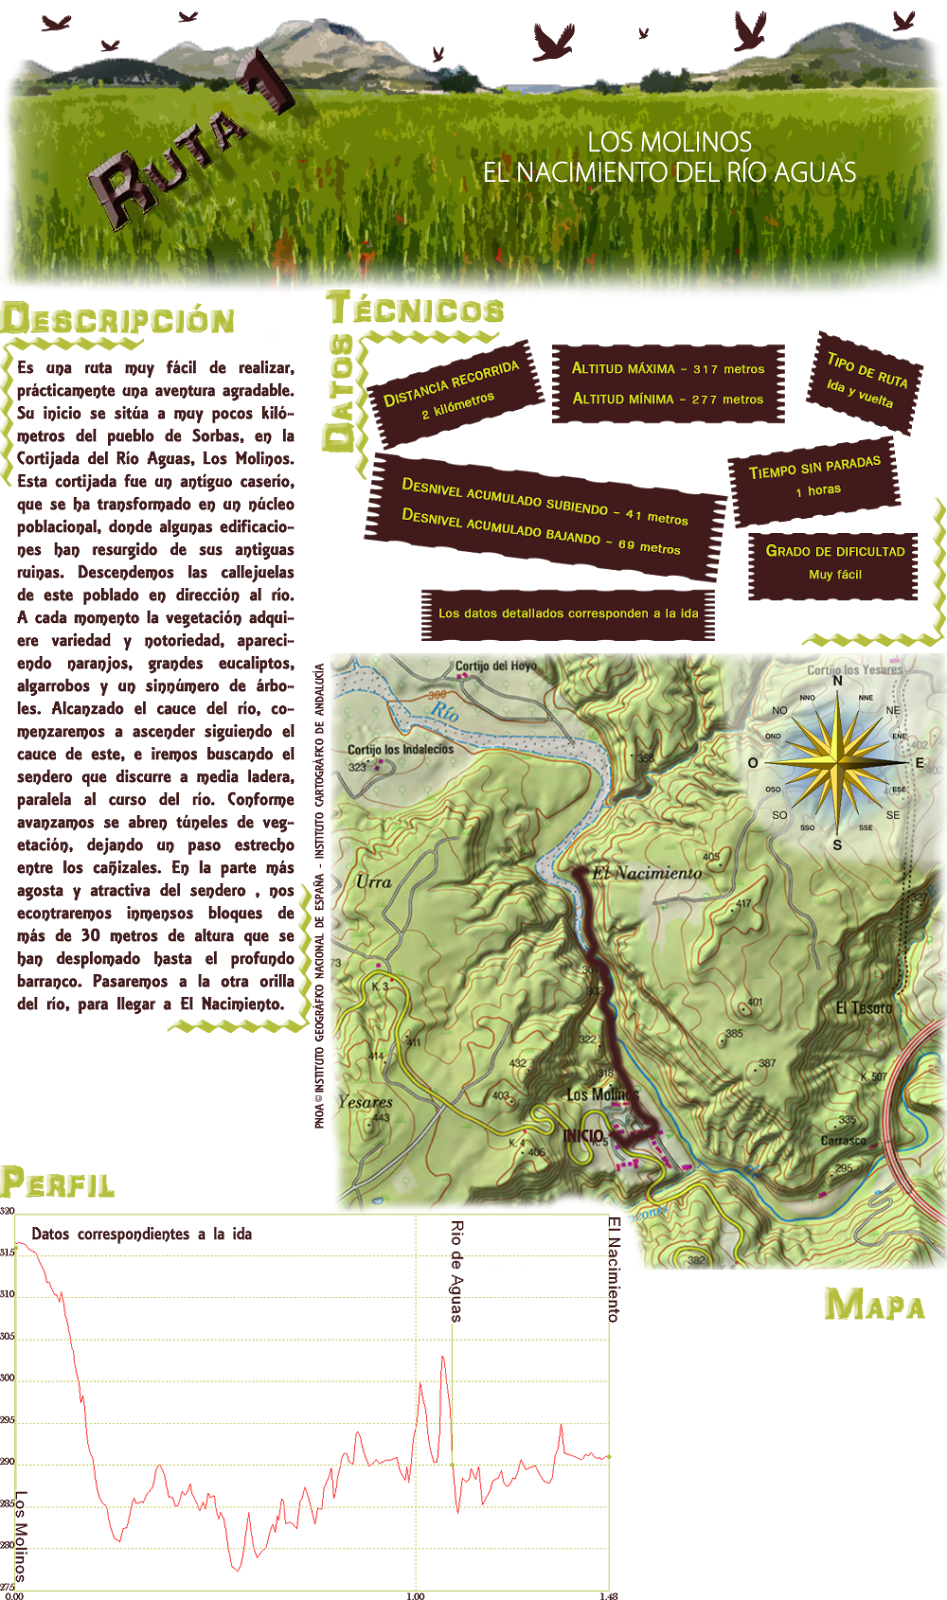 Ruta 1: Descripcion y datos técnicos